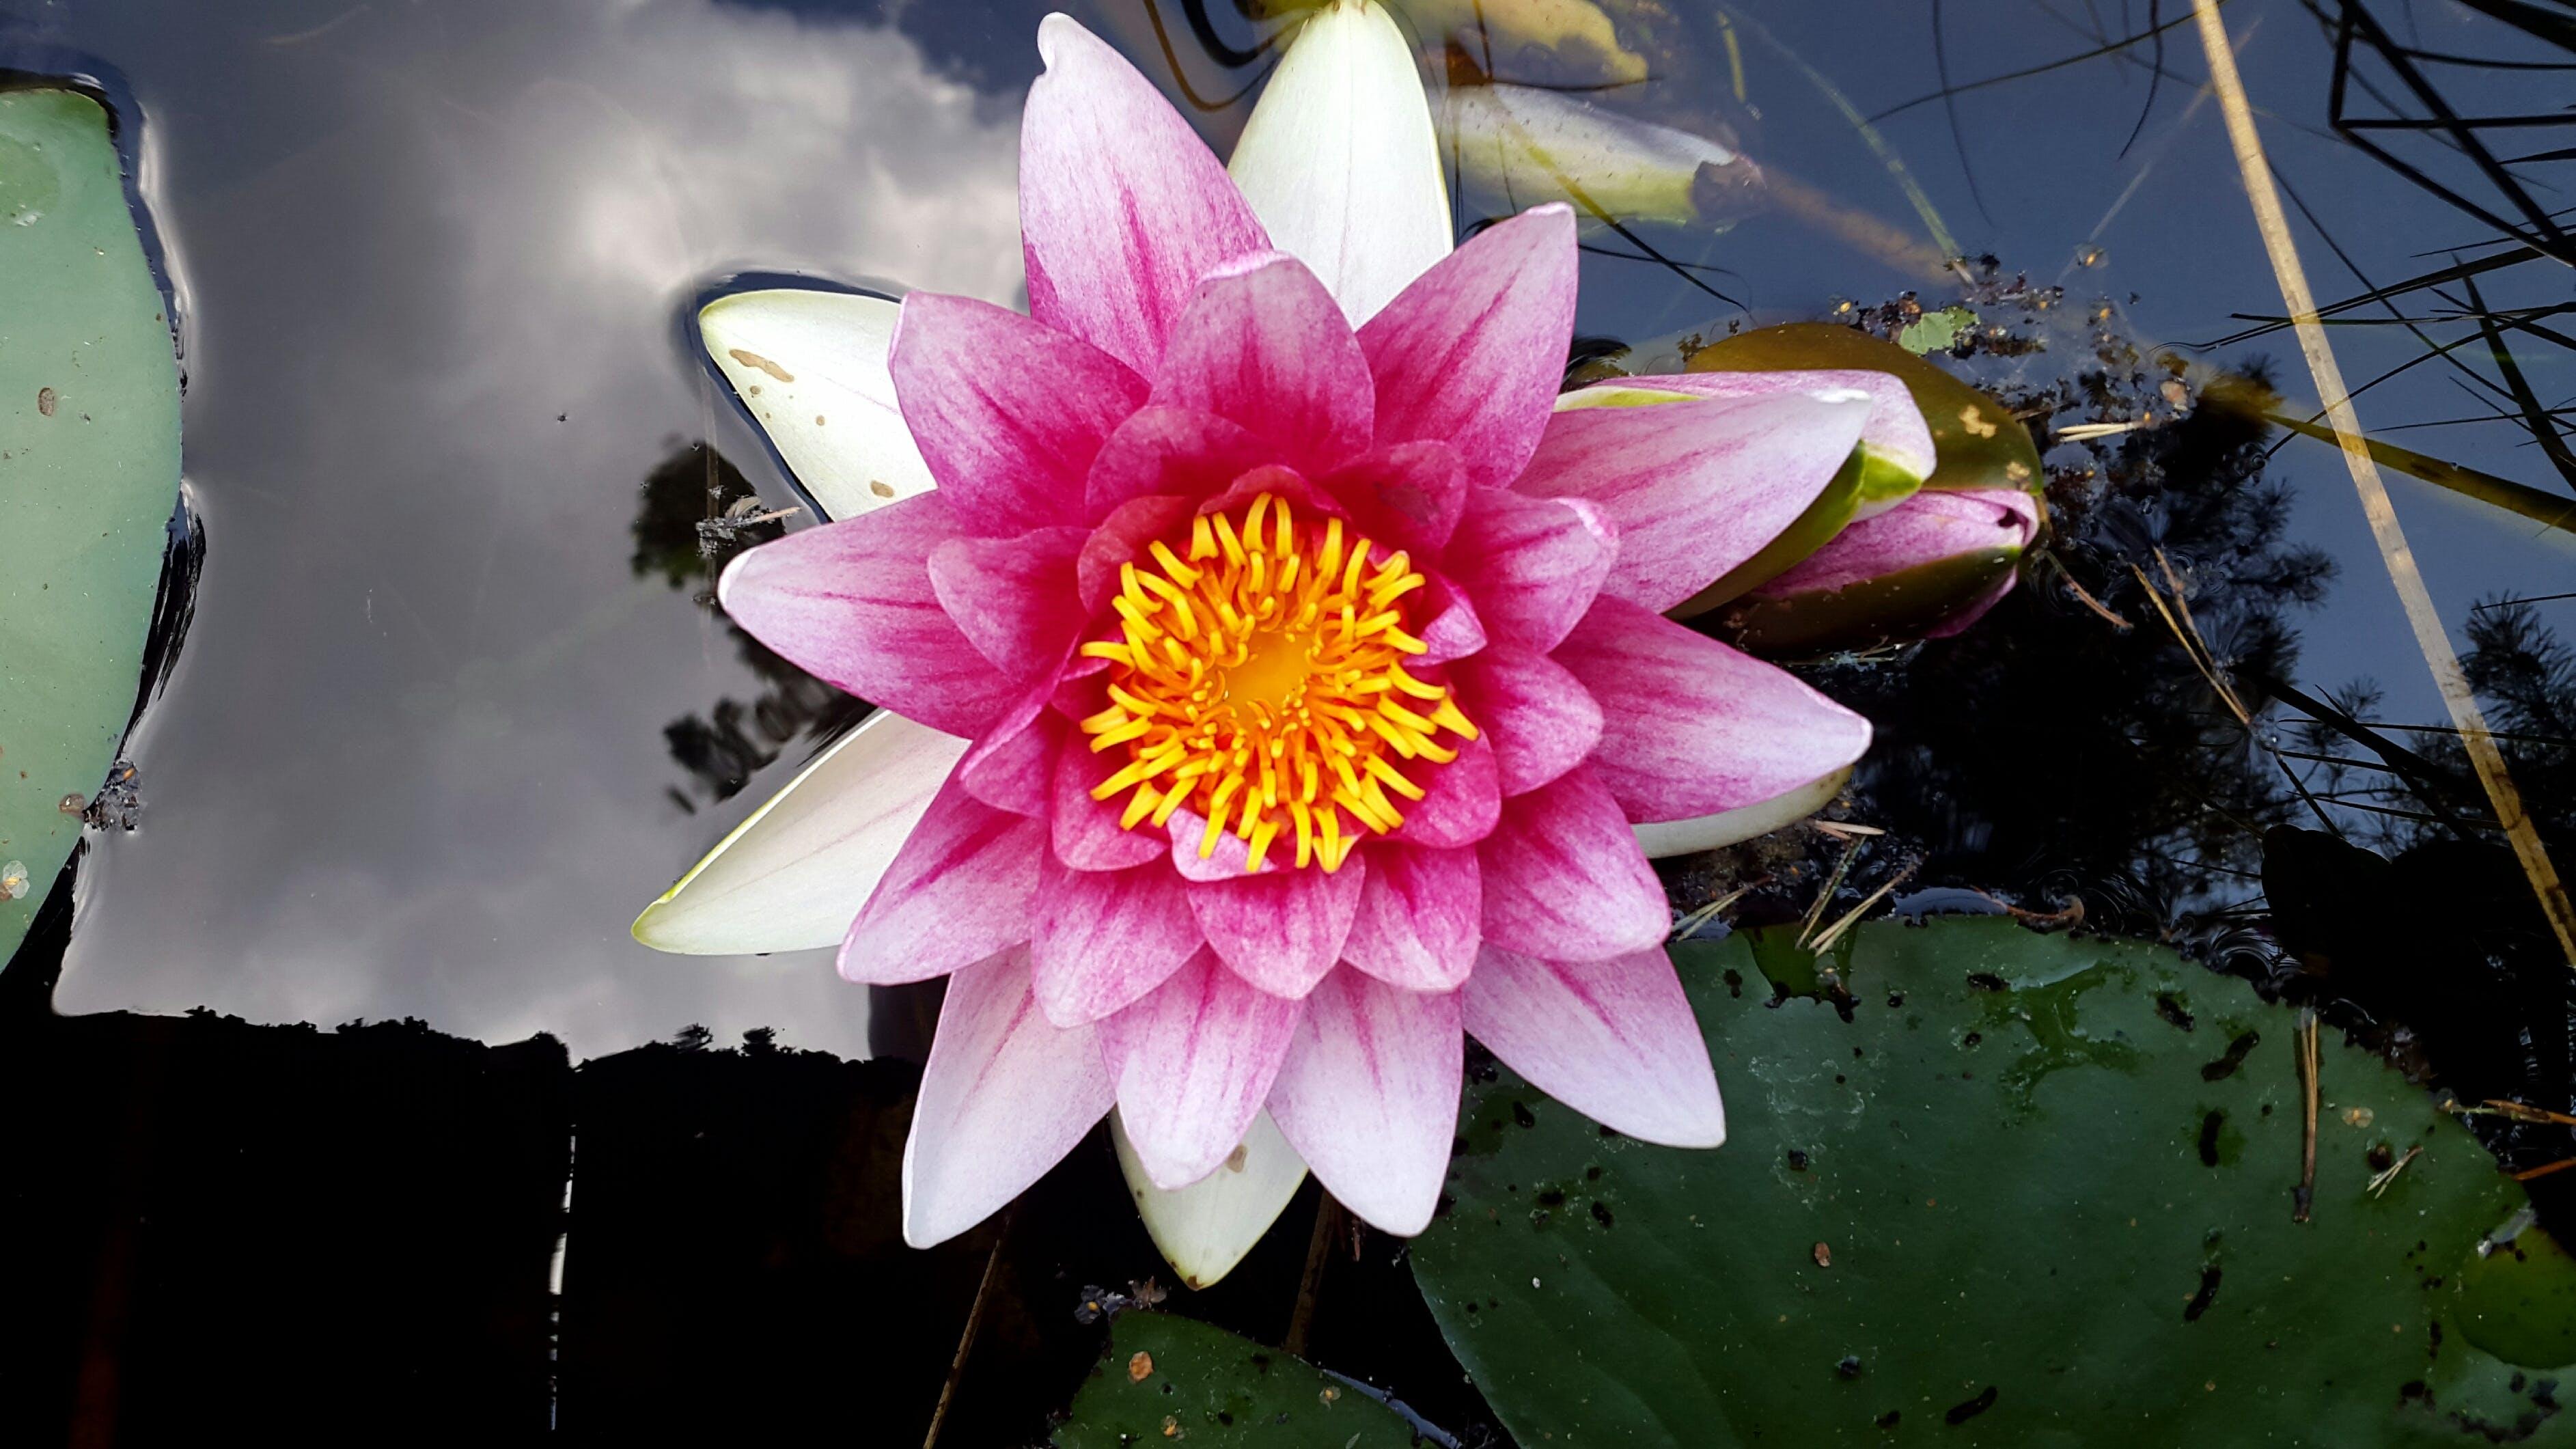 Ảnh lưu trữ miễn phí về cây bông súng, Hoa hồng, hoa đẹp, vùng nước lặng